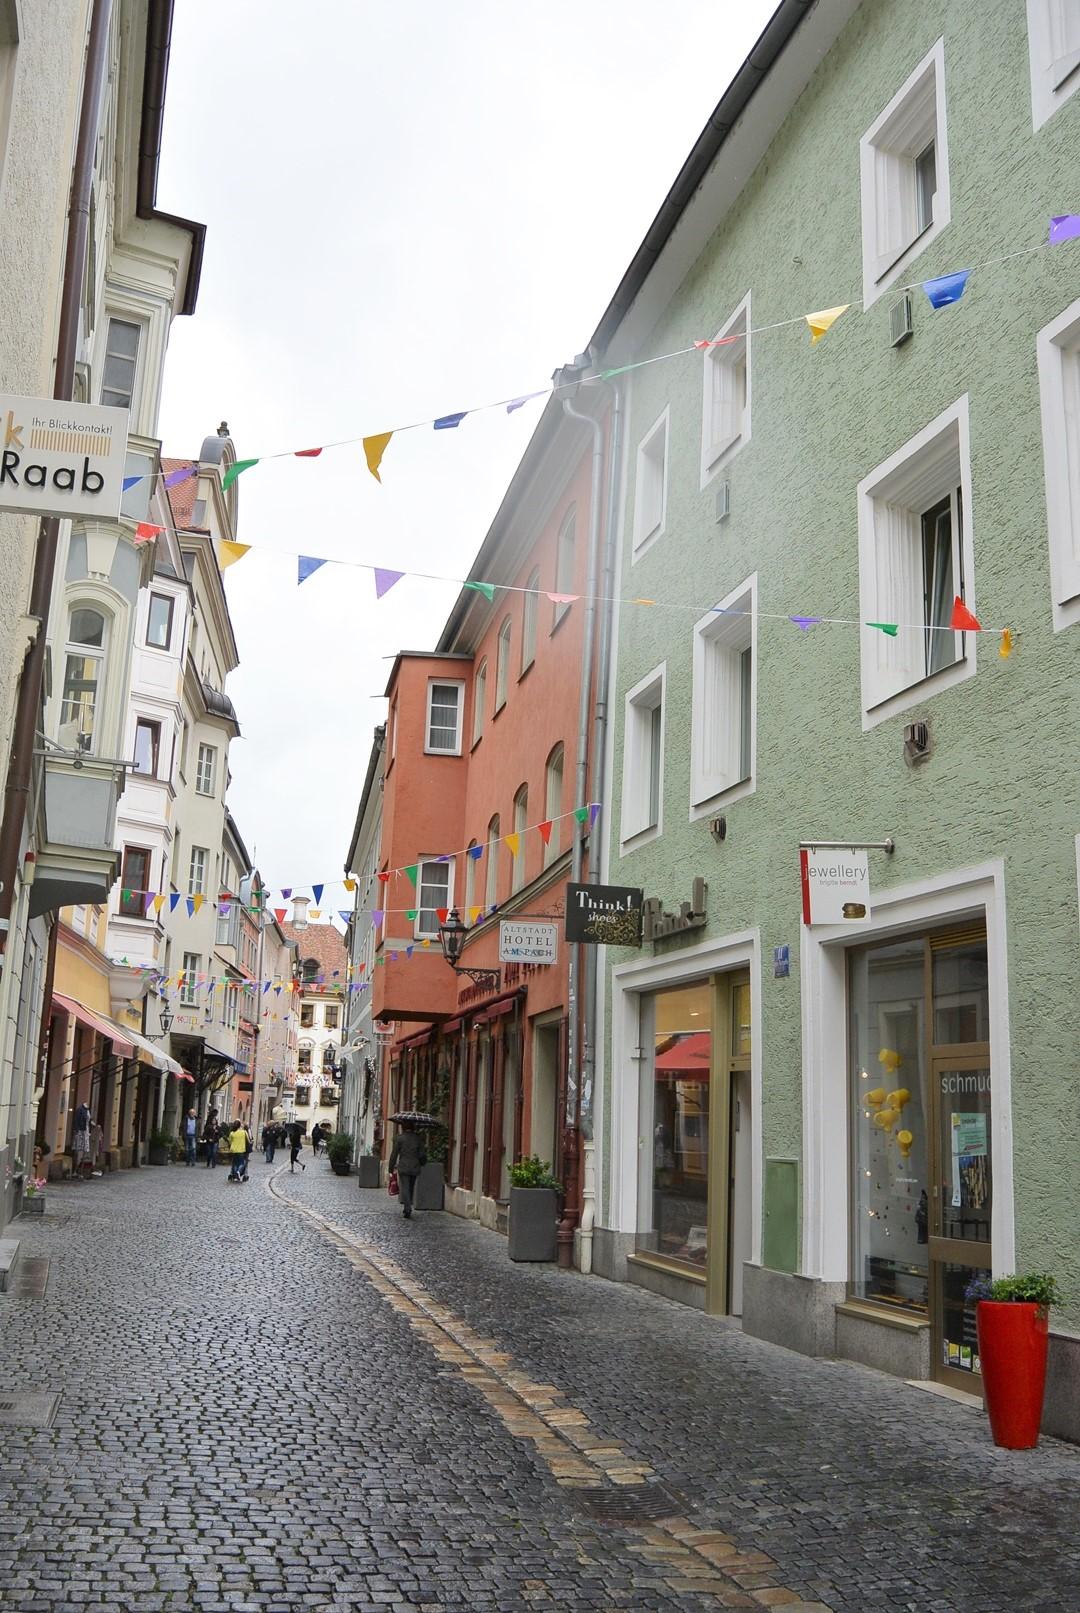 Regensburg_Bayern_Bayerntour_Weltkulturerbe_Donau_junge Donau_Bayernreise_Wochenendtrip_aeltestes Cafehaus_Annanikabu_Reiseblog (329)